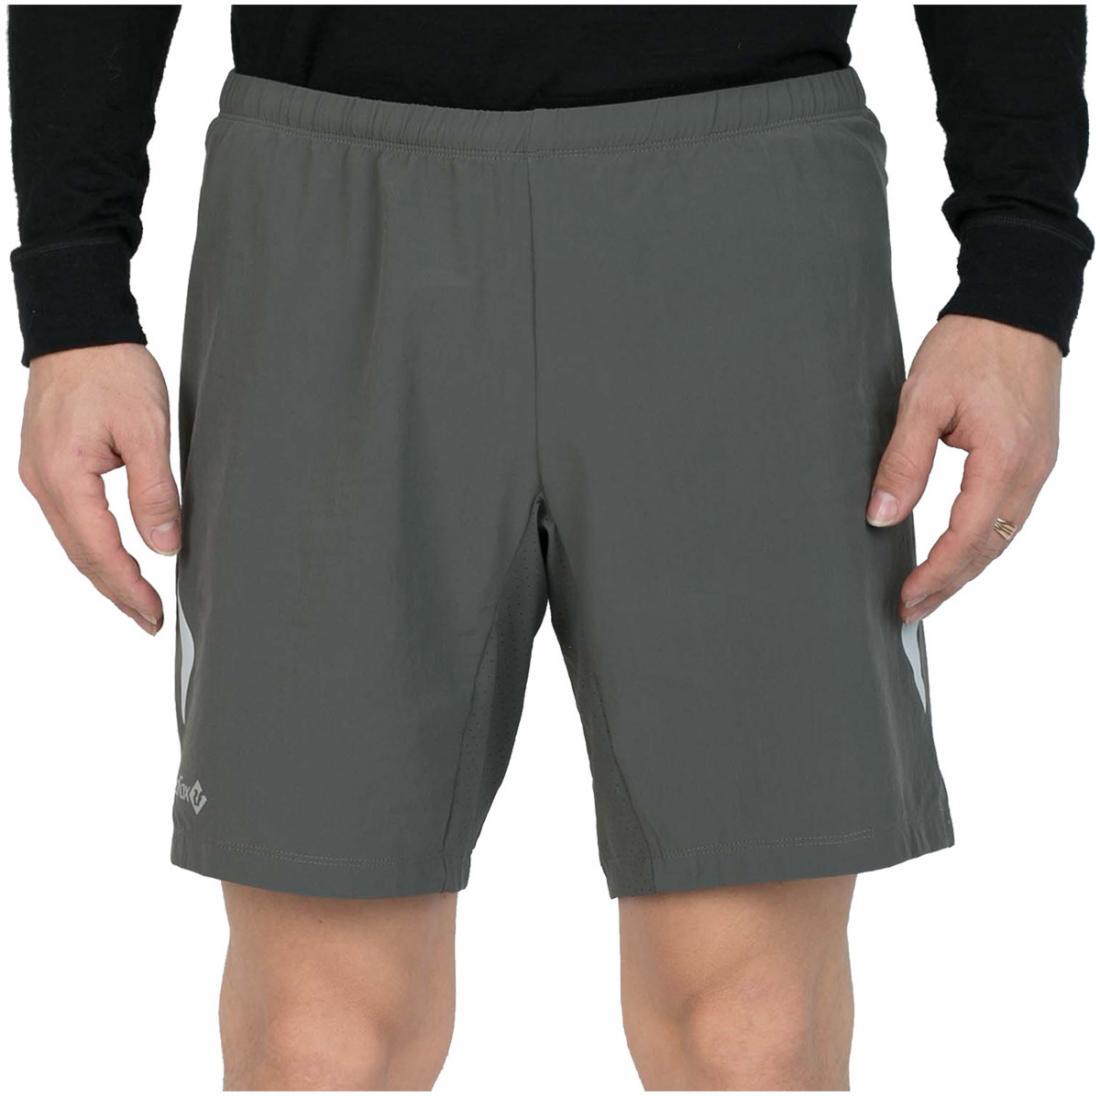 Шорты Race IIШорты, бриджи<br><br> Легкие спортивные шорты свободного кроя. выполнены из эластичного материала с высокими показателями отведения и испарения влаги, что позволяет использовать изделие для занятий активными видами спорта на открытом воздухе.<br><br><br>основное ...<br><br>Цвет: Серый<br>Размер: 50